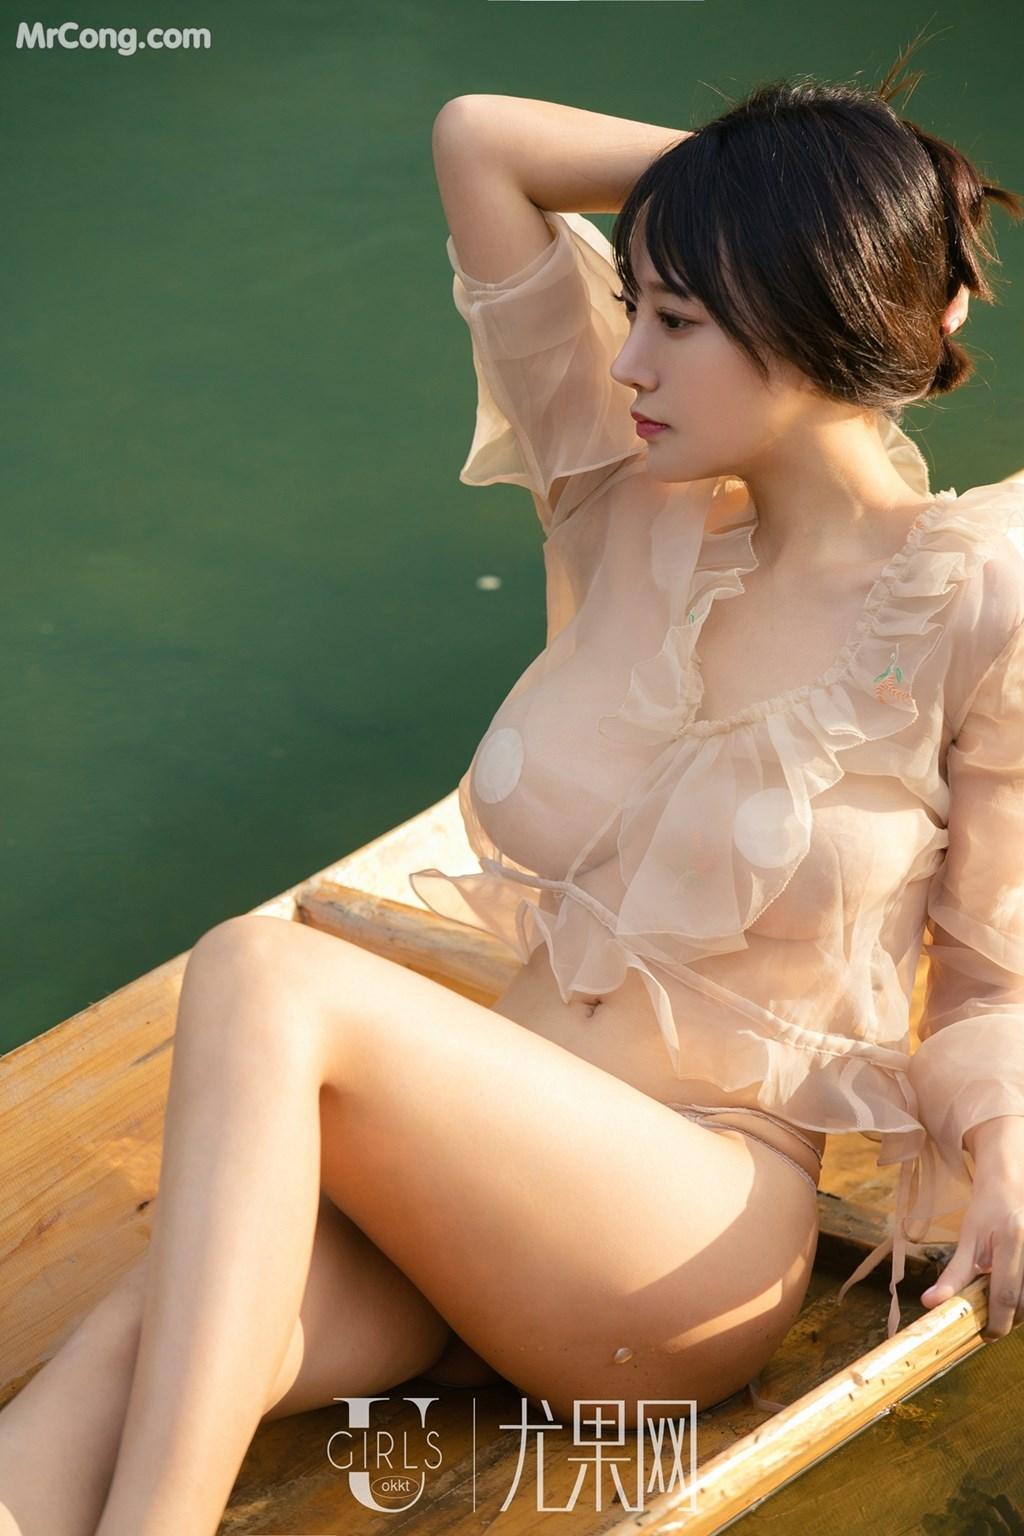 Image UGIRLS-U318-He-Jia-Ying-MrCong.com-050 in post UGIRLS U318: Người mẫu He Jia Ying (何嘉颖) (66 ảnh)